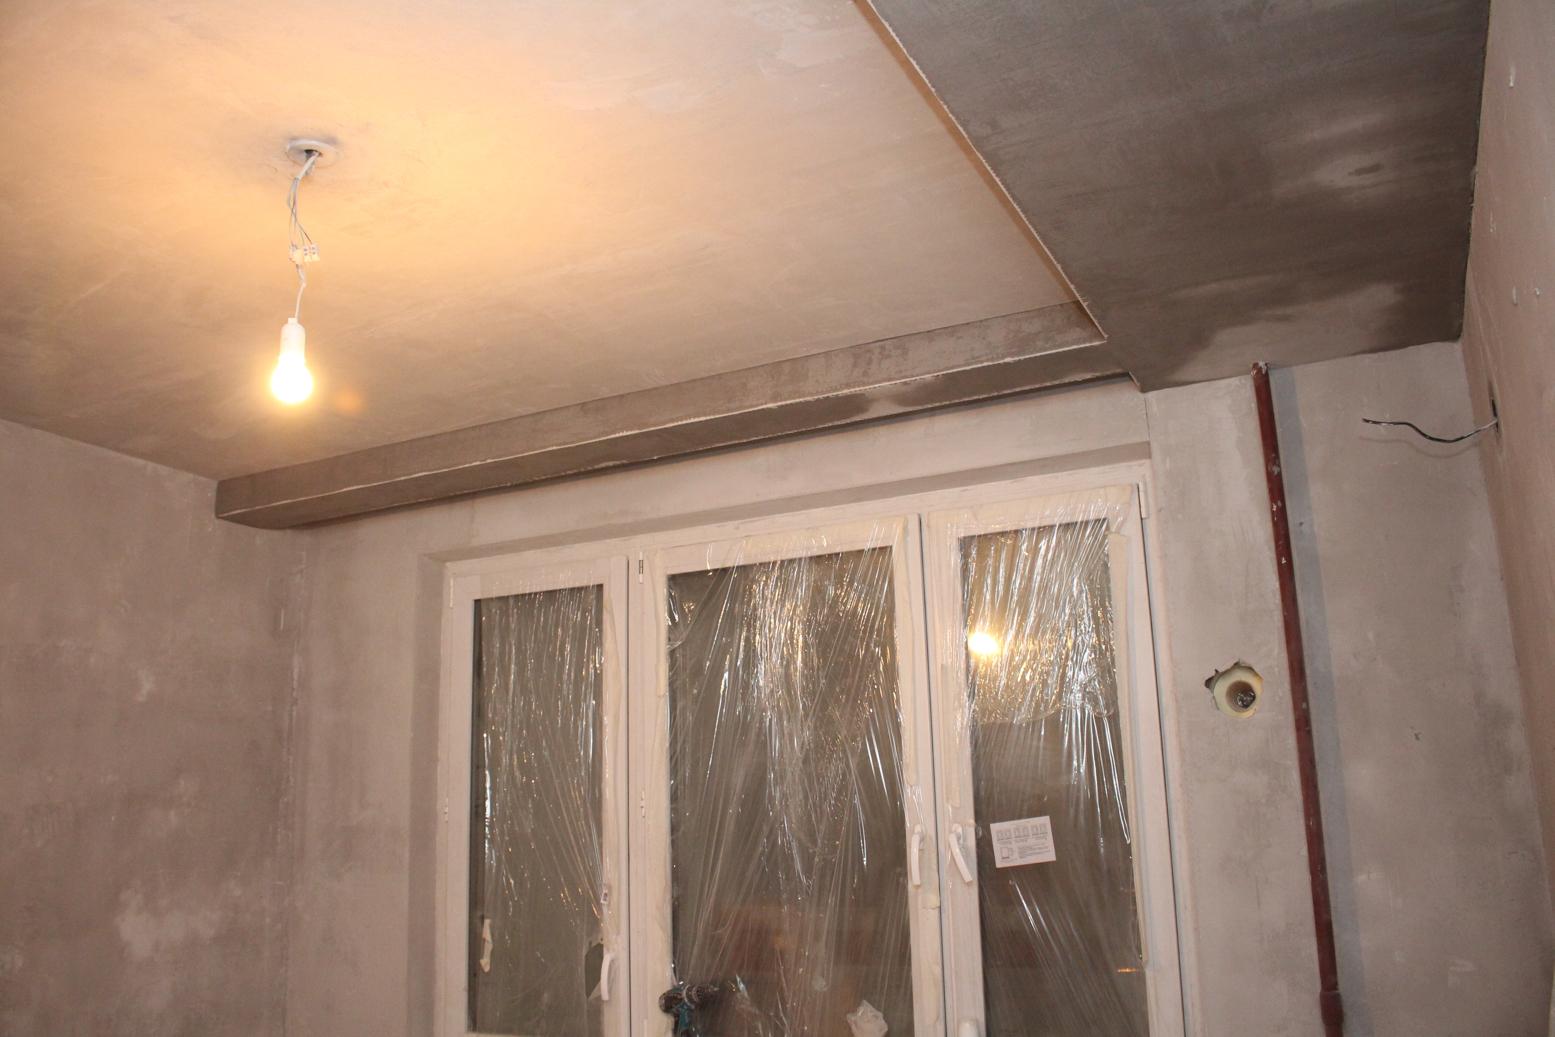 В маленькой комнате гипсокартонный потолок с нишей для карниза